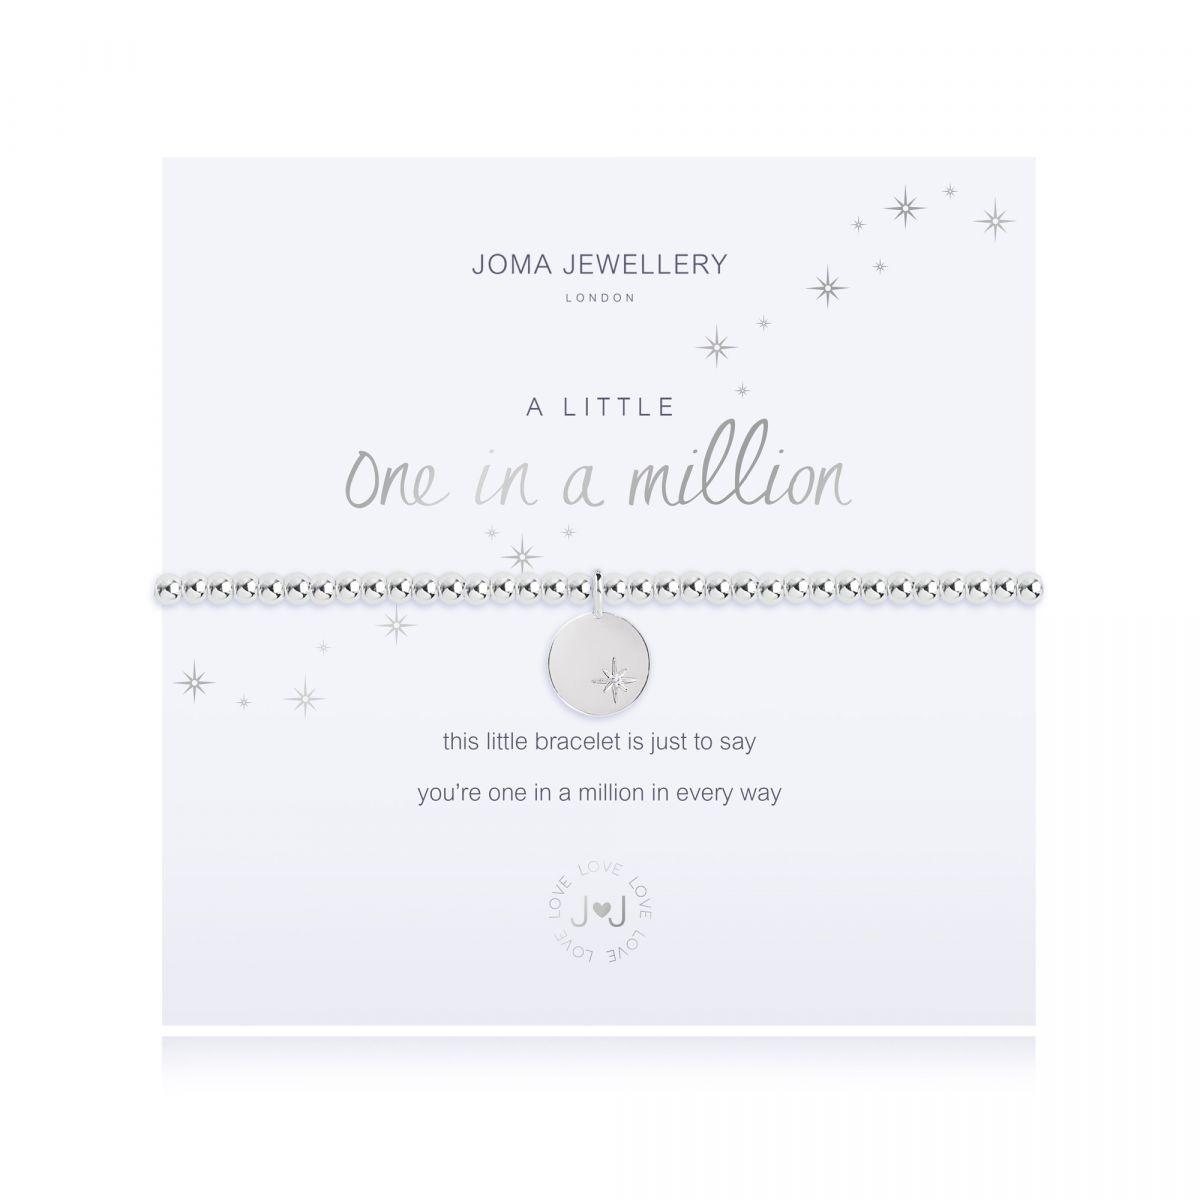 Joma Jewellery A Little 'One in a Million' Bracelet